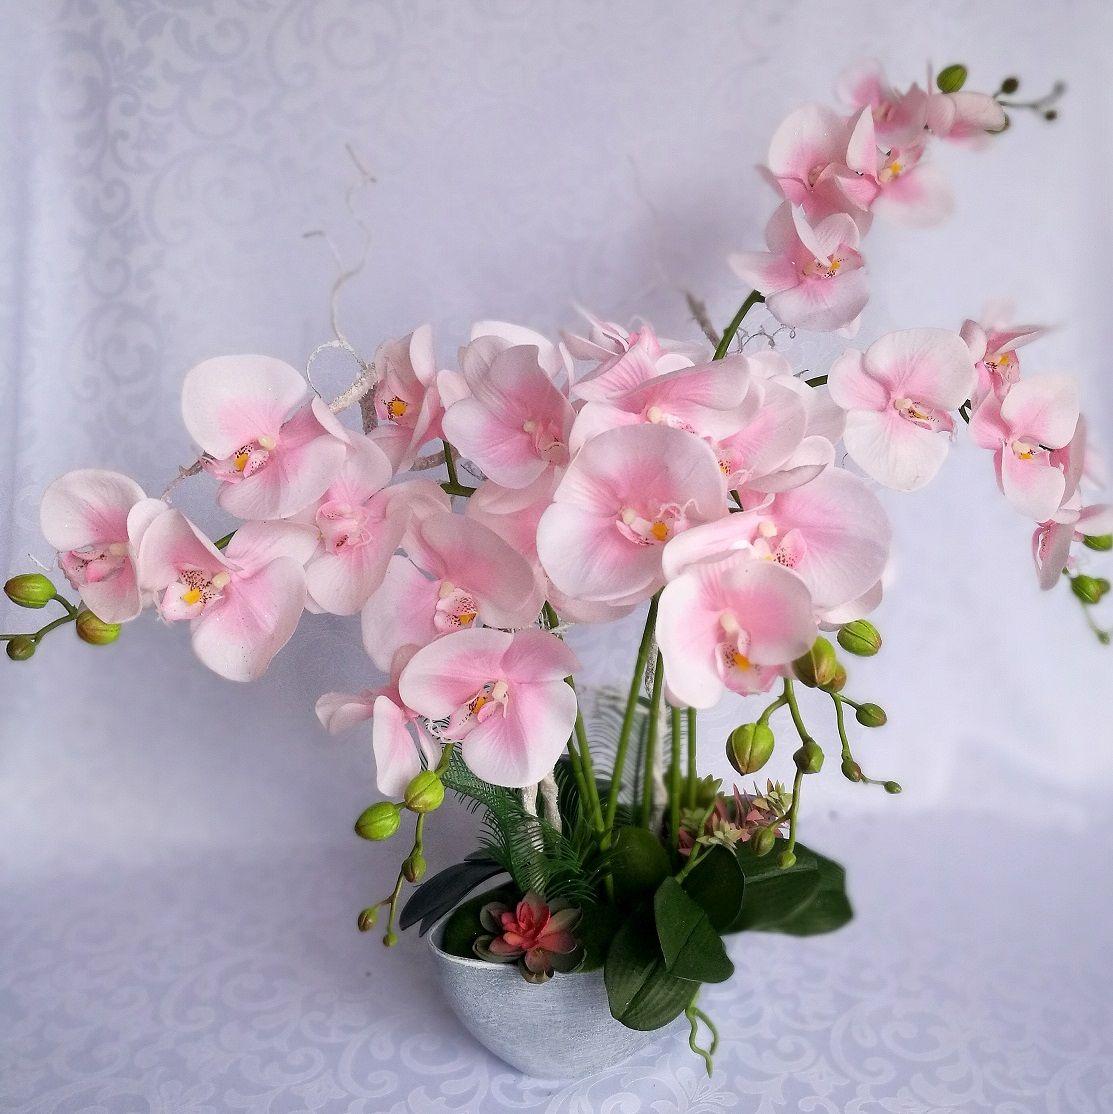 Swiateczne Atelier Rozowy Storczyk W Szarej Donicy Nr 128 Orchids Plants